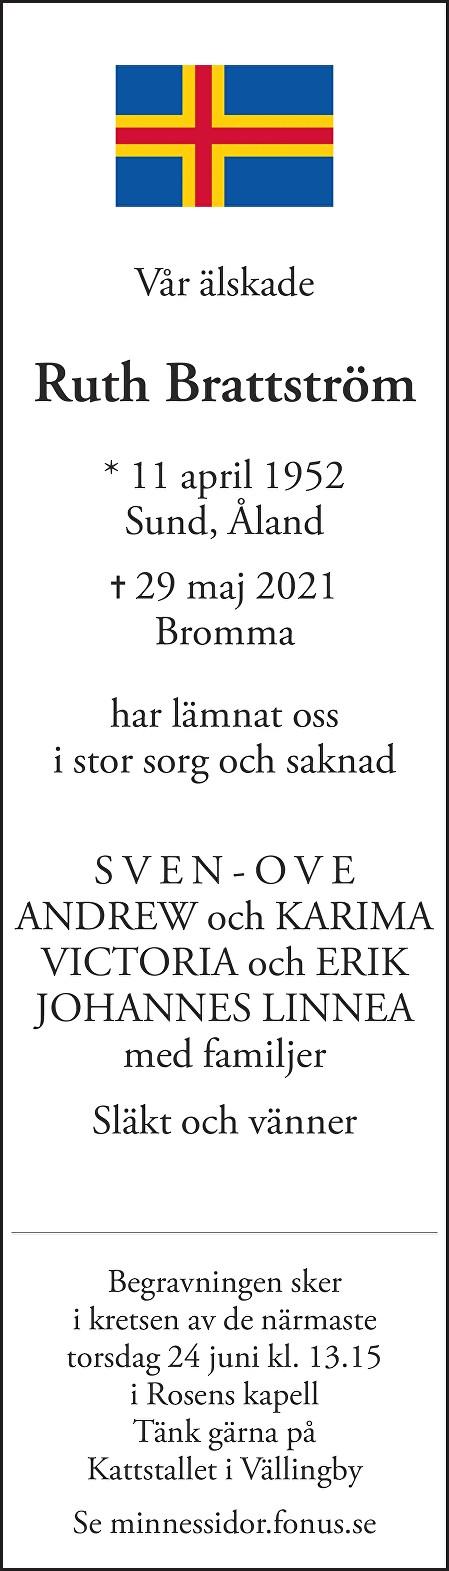 Ruth Brattström Death notice